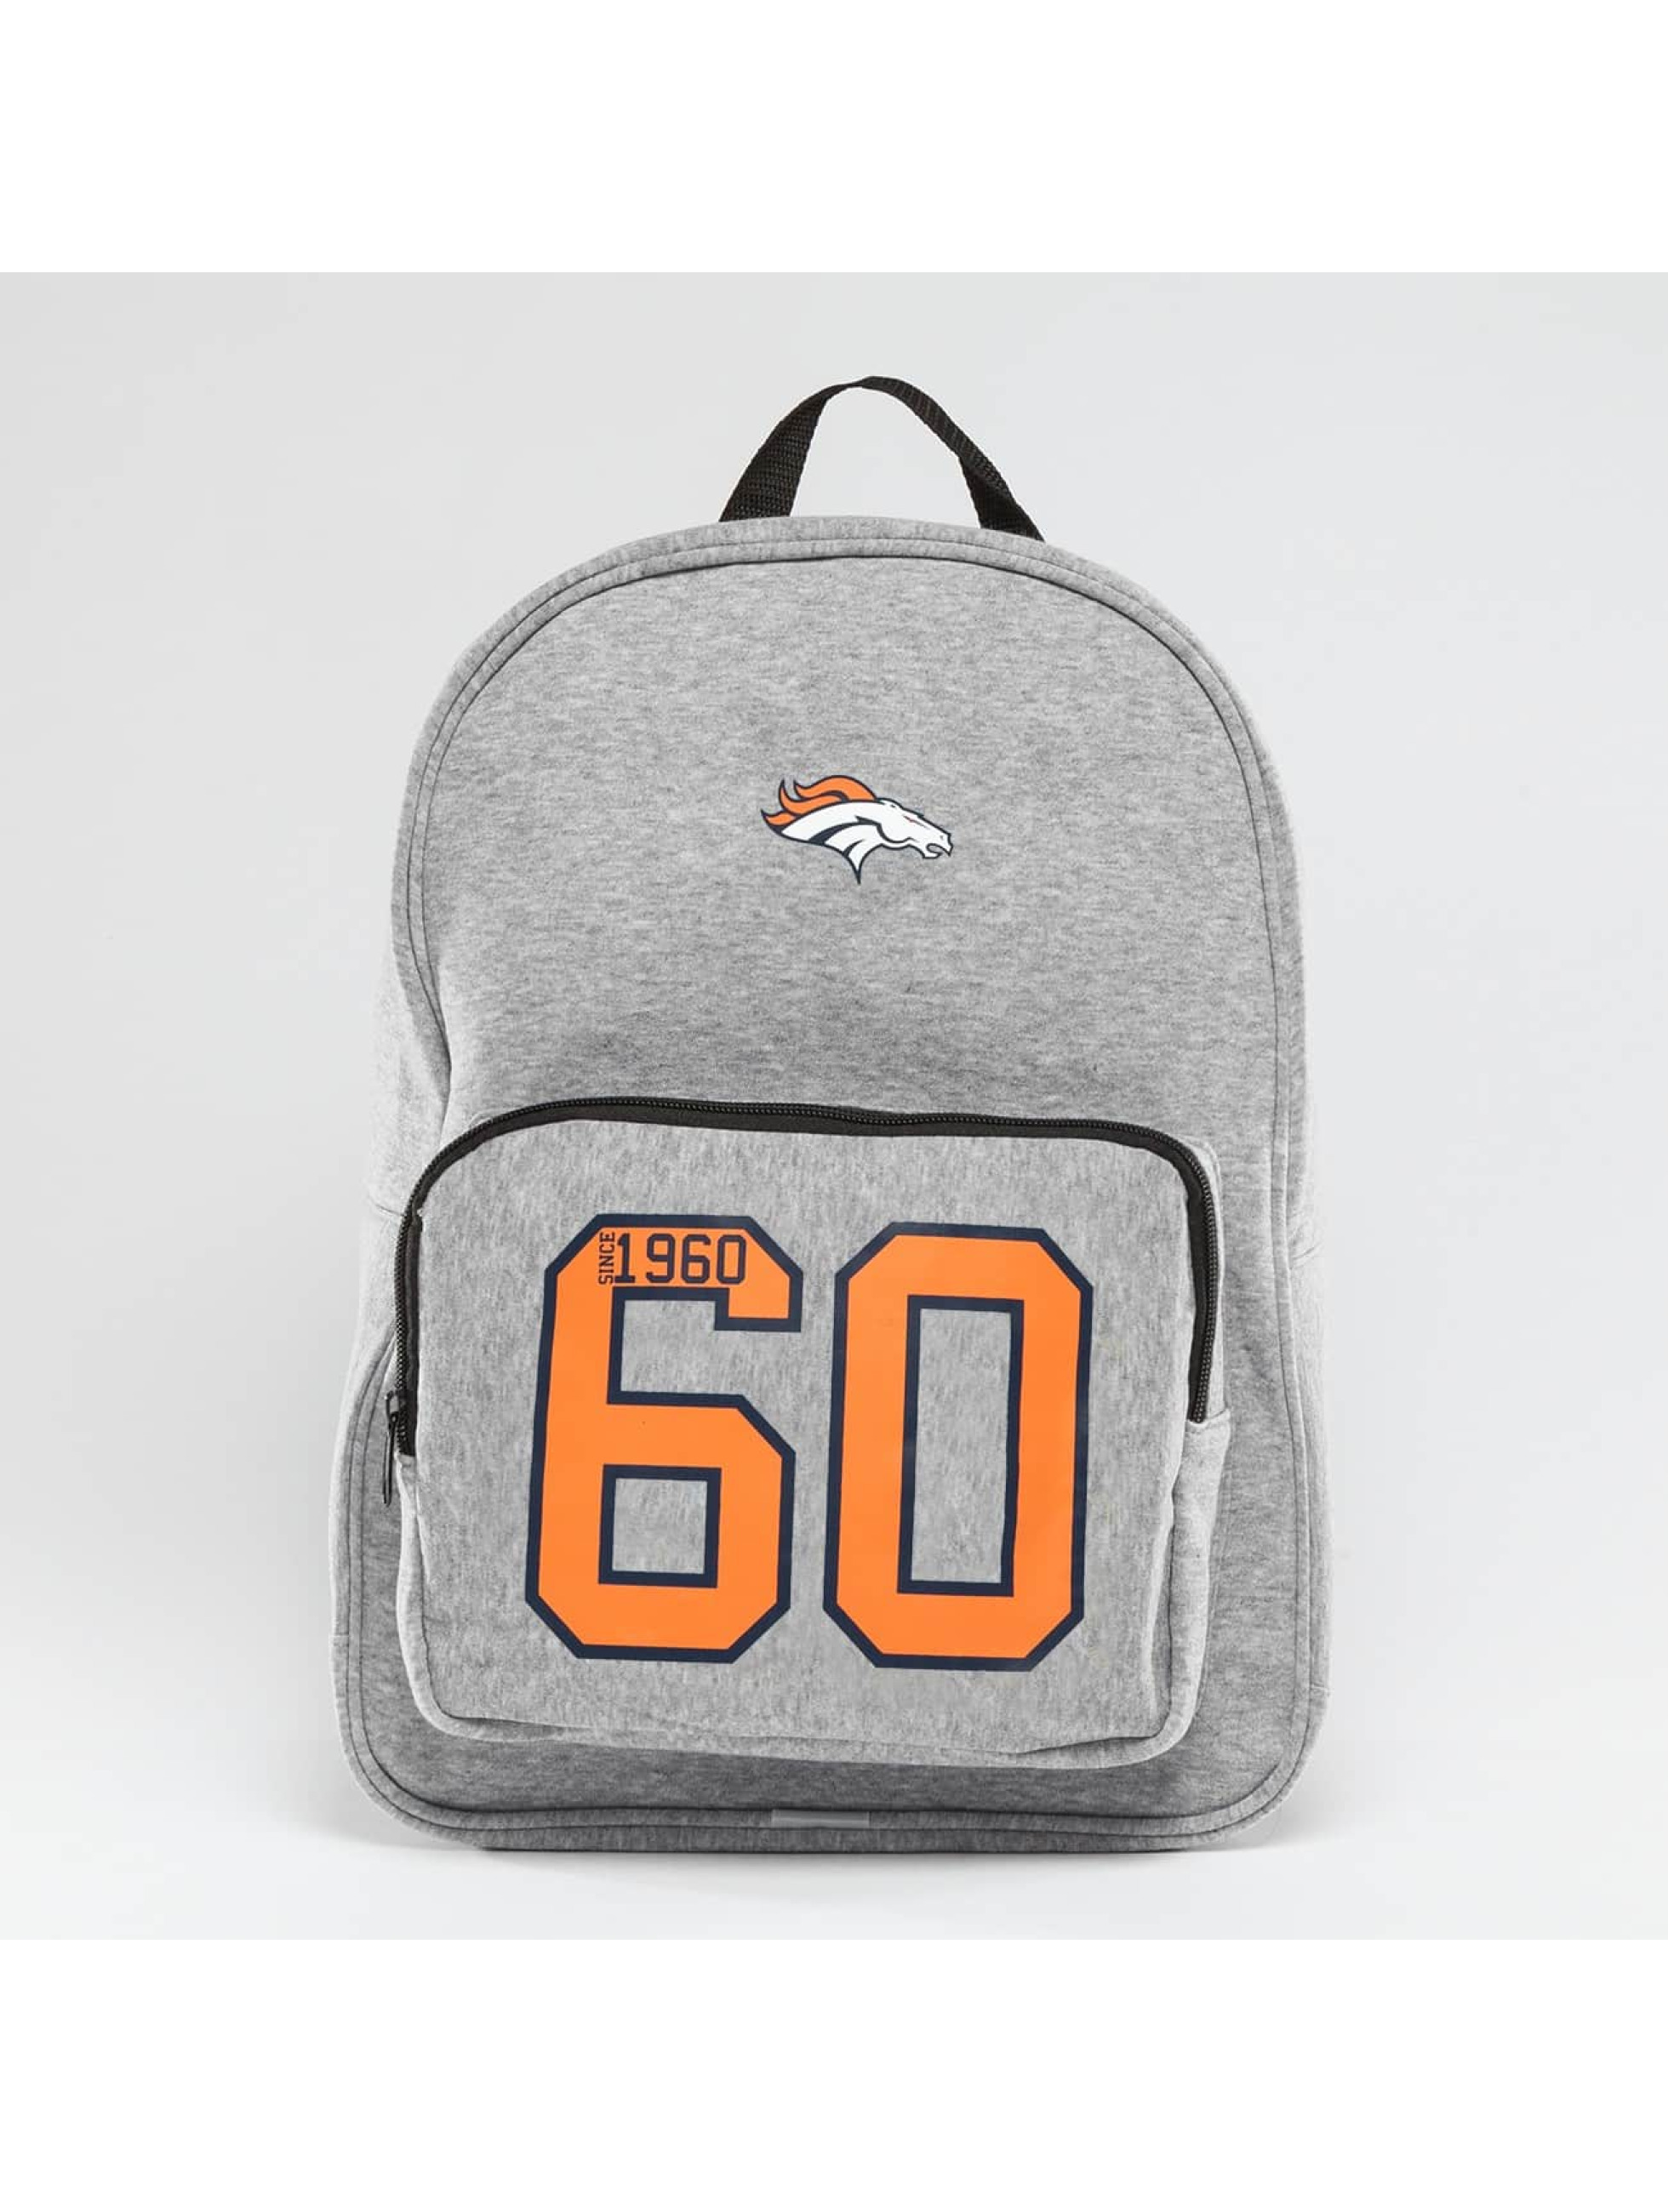 Forever Collectibles Rucksack NFL Denver Broncos grau